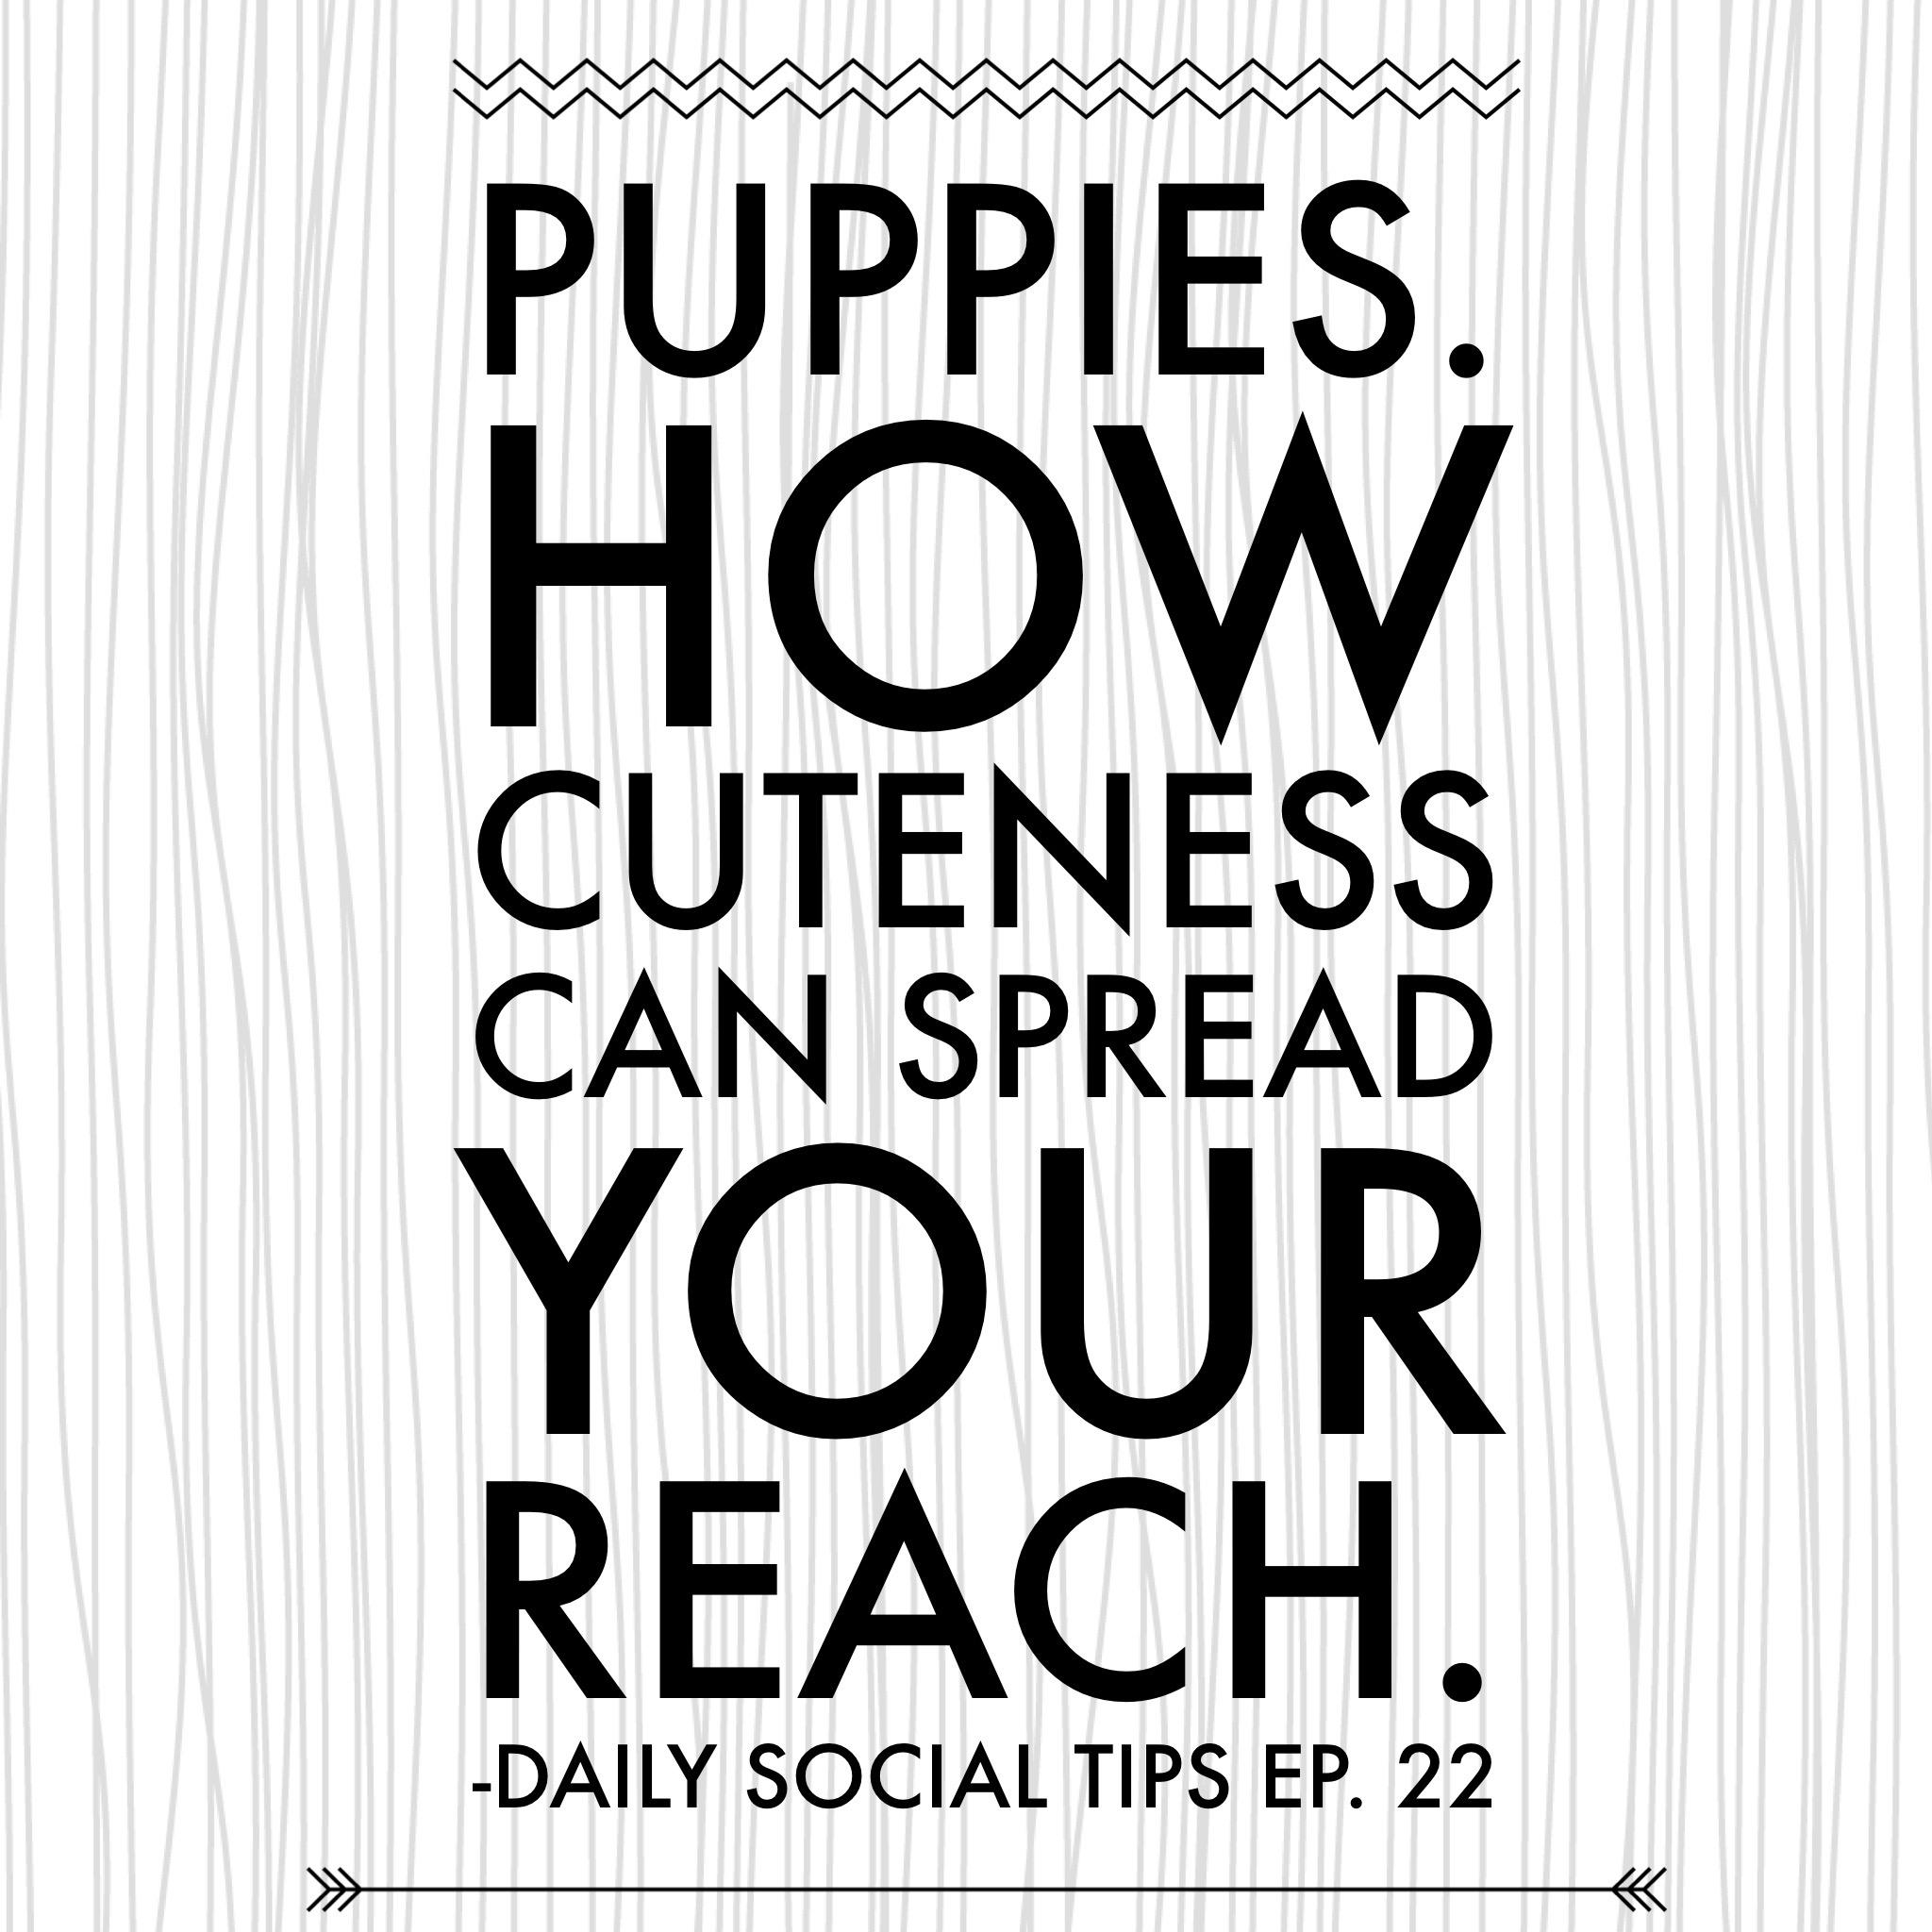 cute puppies social reach